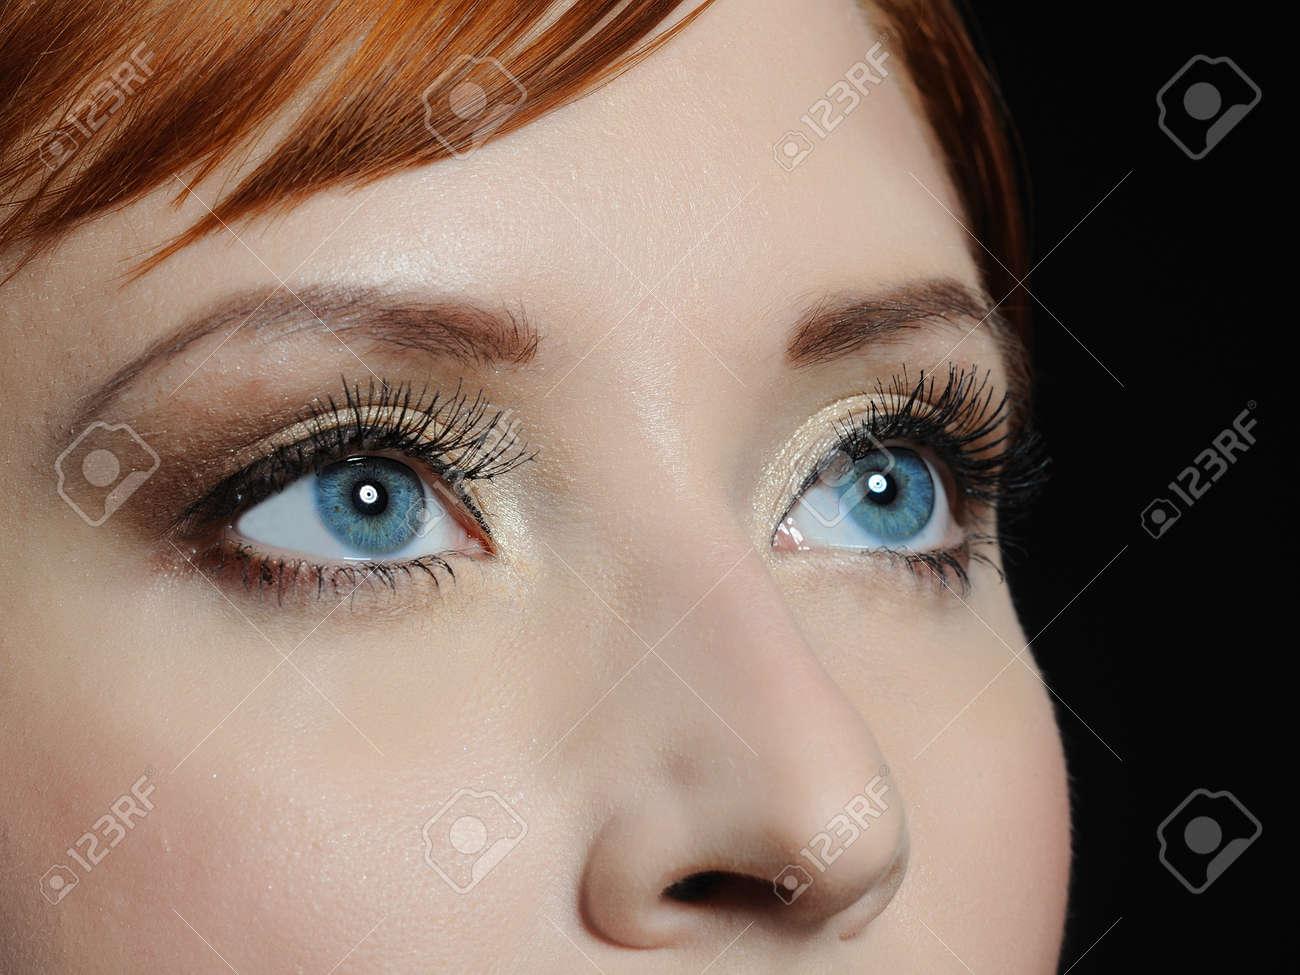 Schones Makro Schuss Des Blauen Augen Mit Langen Wimpern Und Make Up